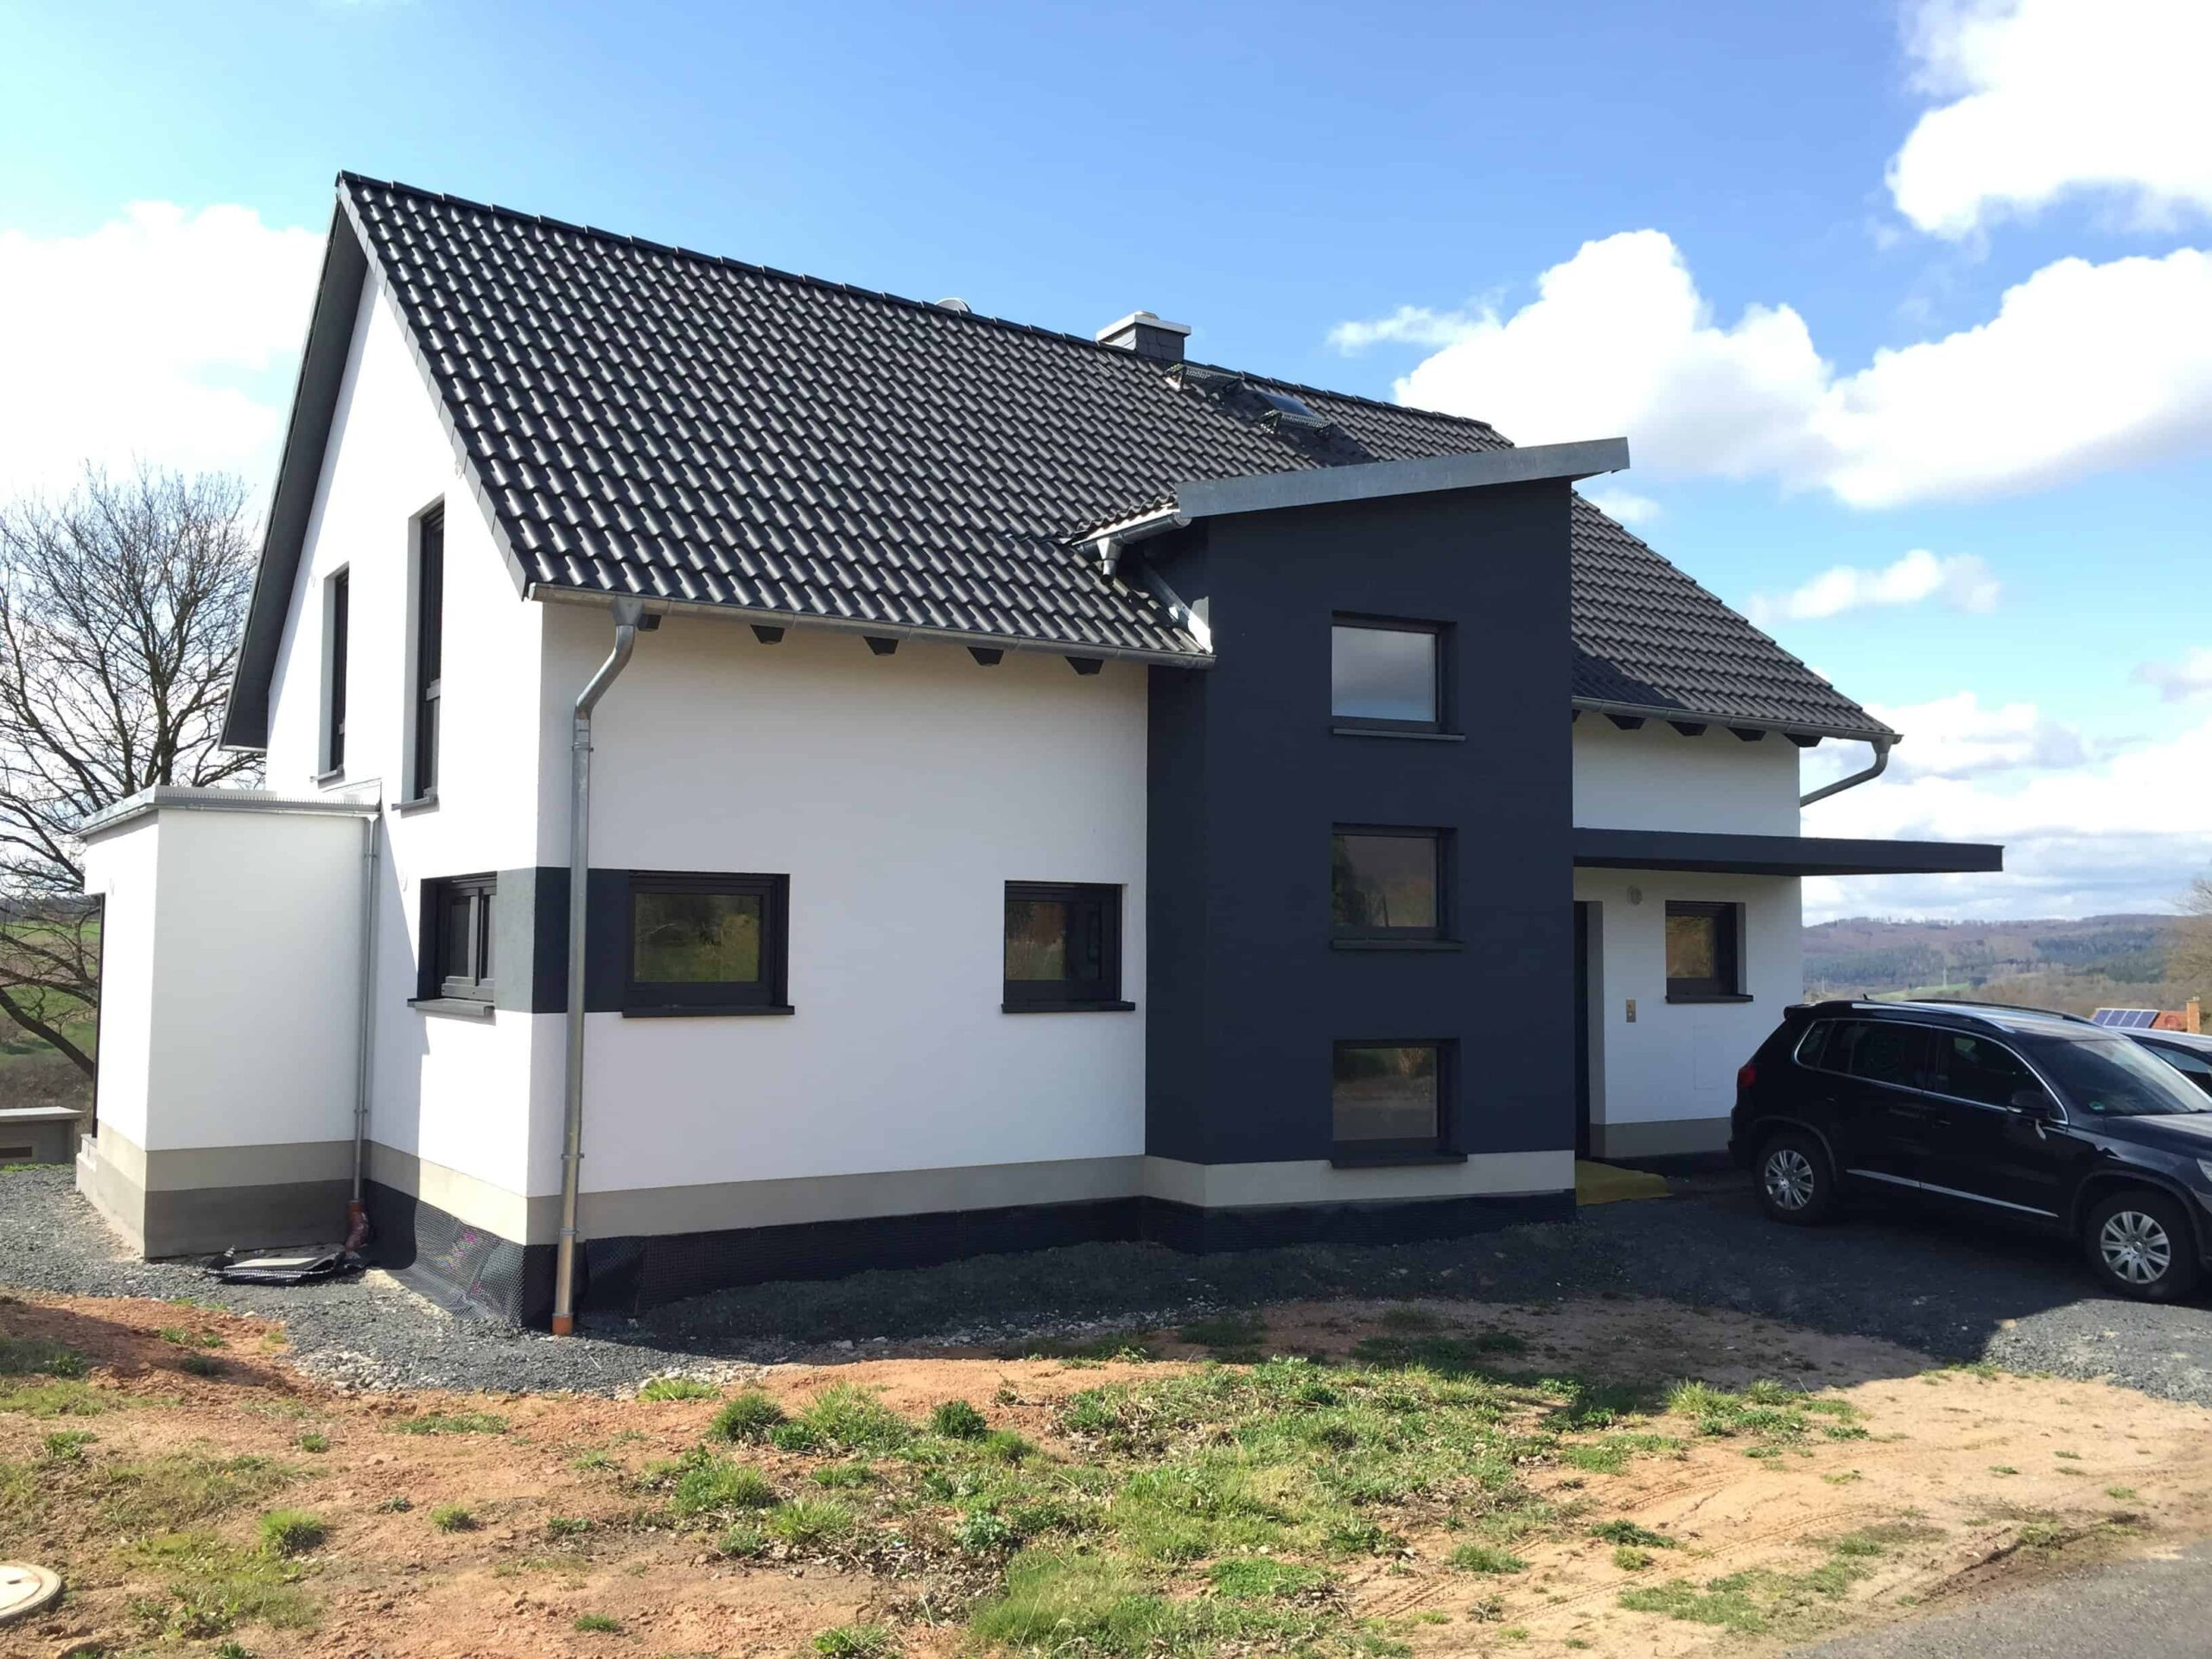 Modernes Satteldachhaus mit Pultdachquergiebel vorn+hinten in 36277 Schenklengsfeld